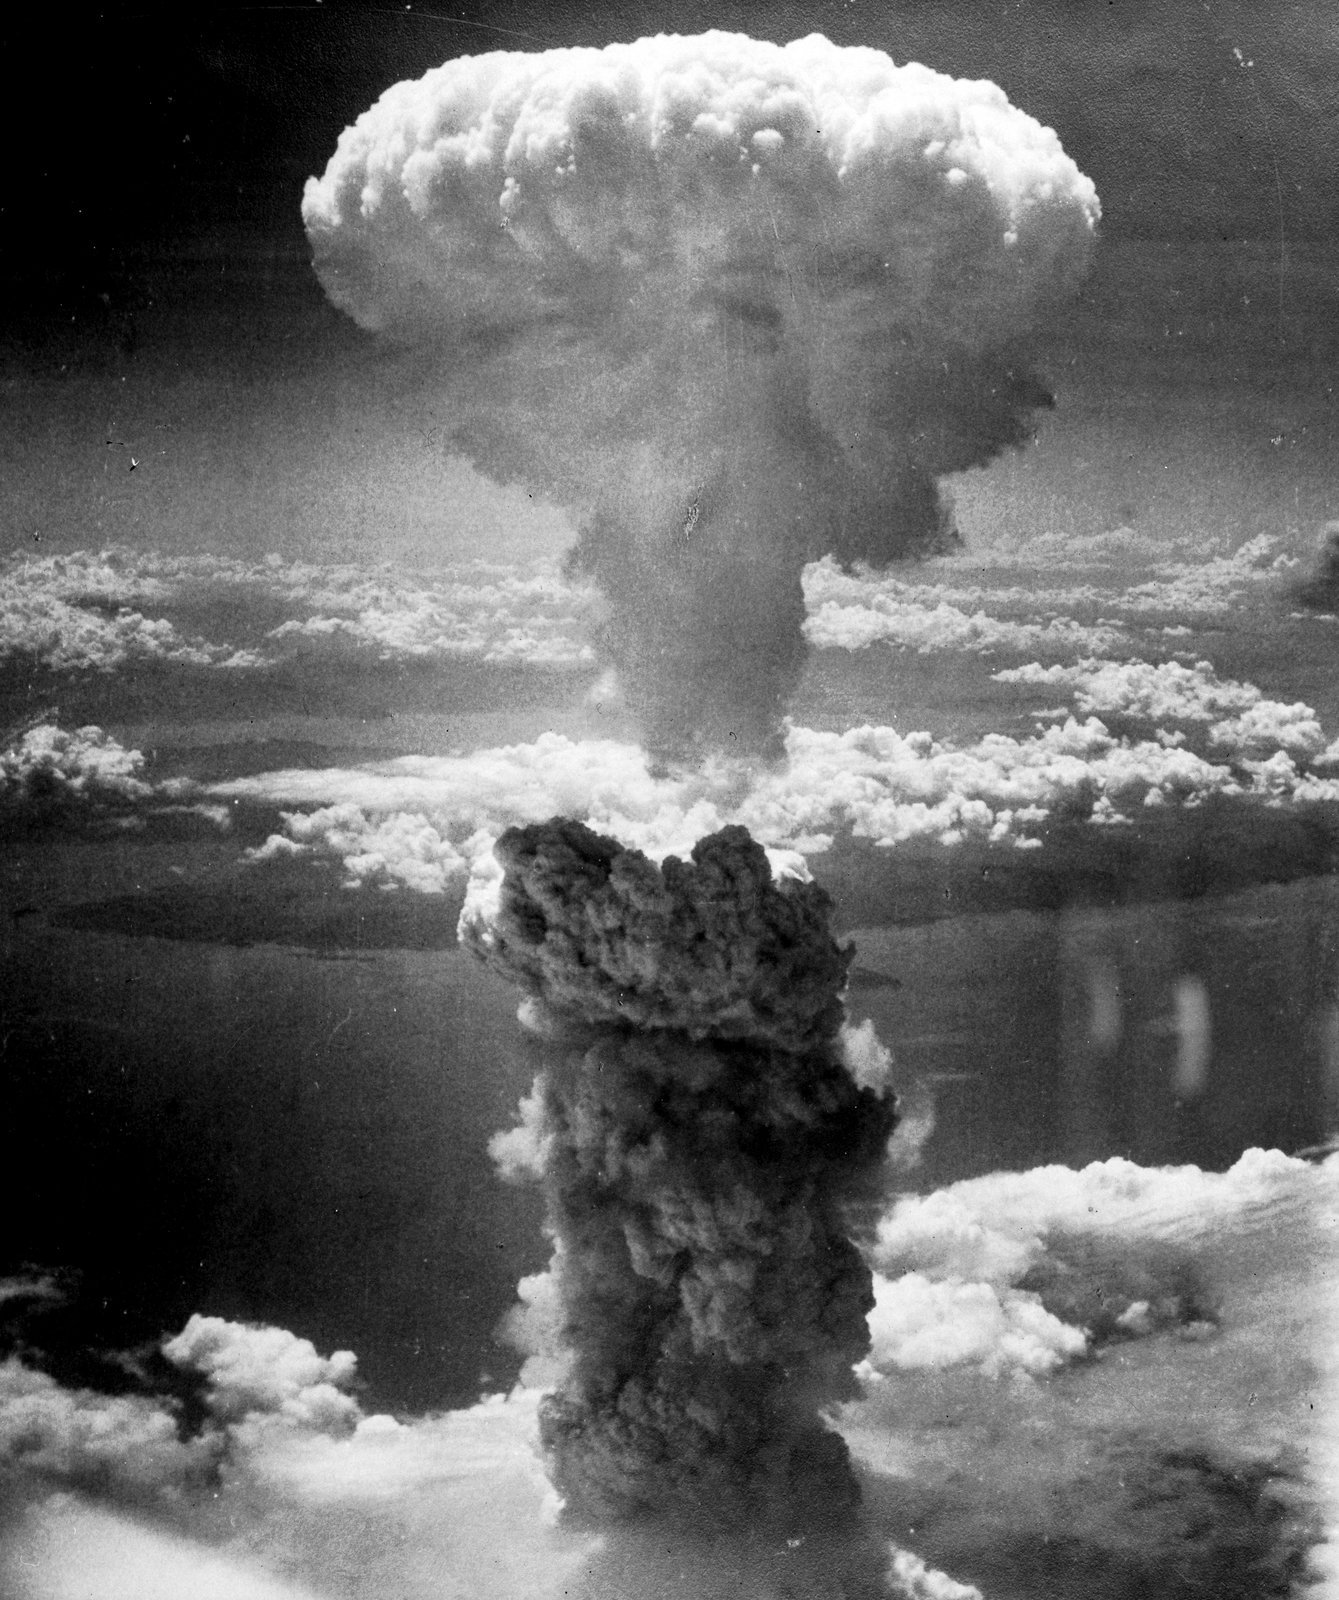 Zrzucenie bomby atomowej na Nagasaki Wobydwu eksplozjachzginęło 155 tys. osób. Źródło: Zrzucenie bomby atomowej na Nagasaki, domena publiczna.